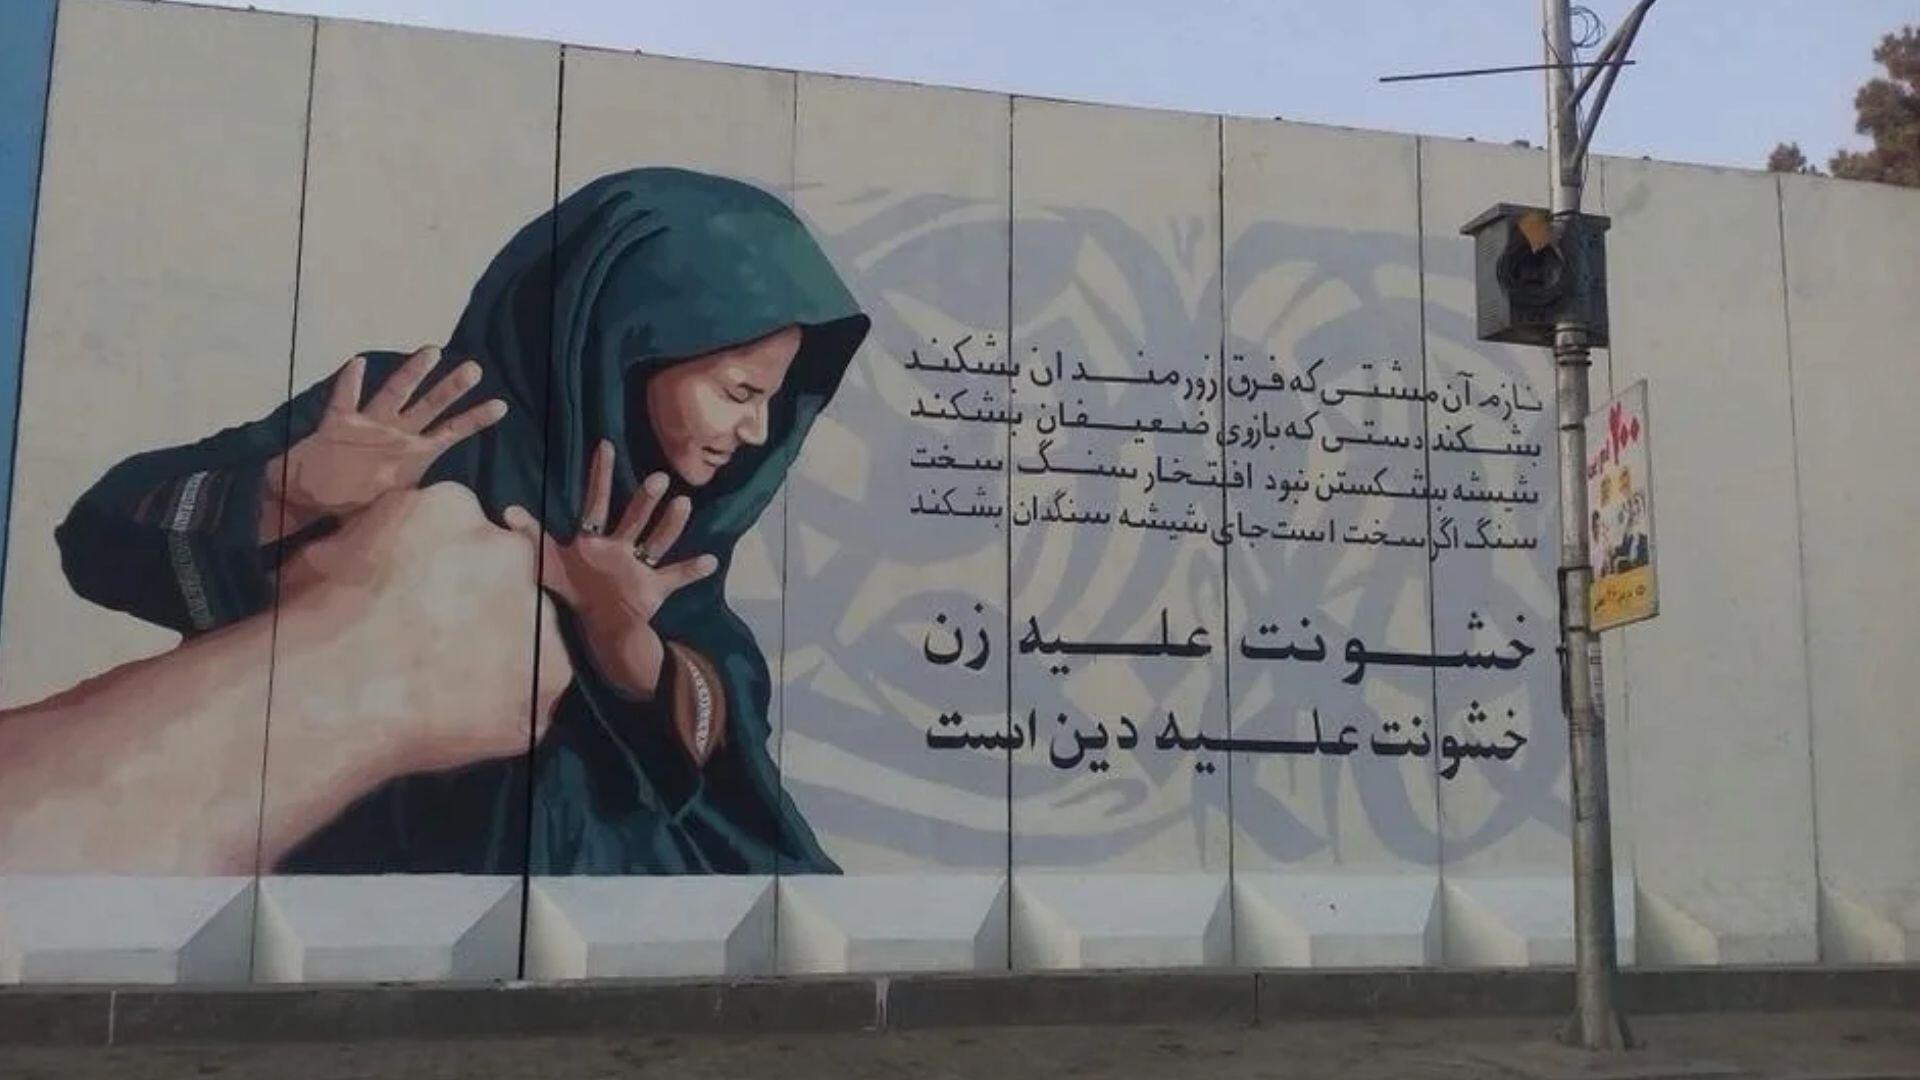 afganistan ciezko wywalczony postep w zakresie praw kobiet zagrozony pod rzadami talibow